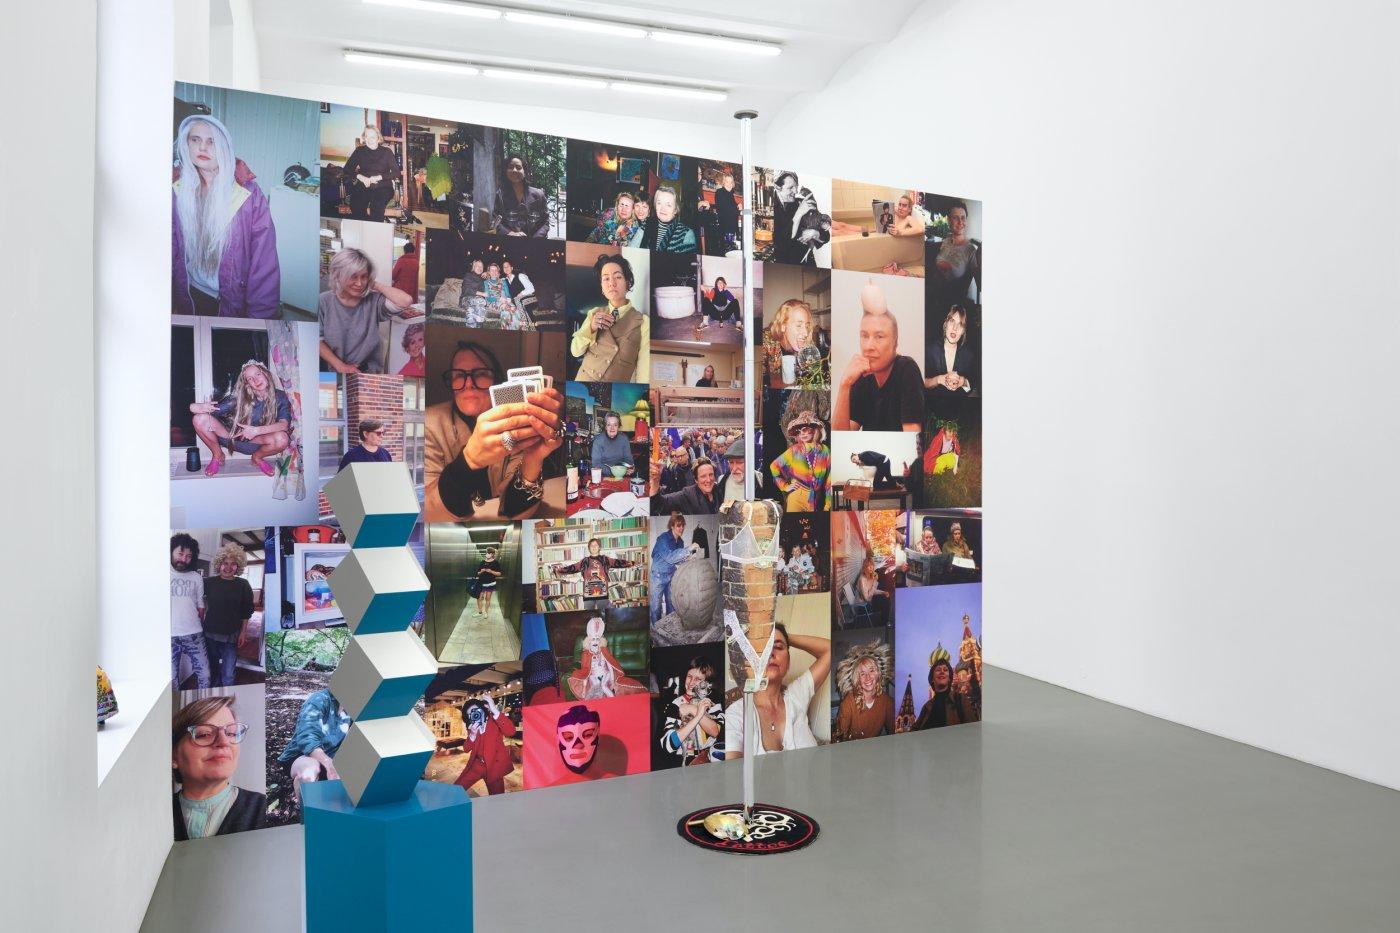 Meyer Kainer Galerie Exhibition Curated By Kris Lemsalu & Sarah Lucas